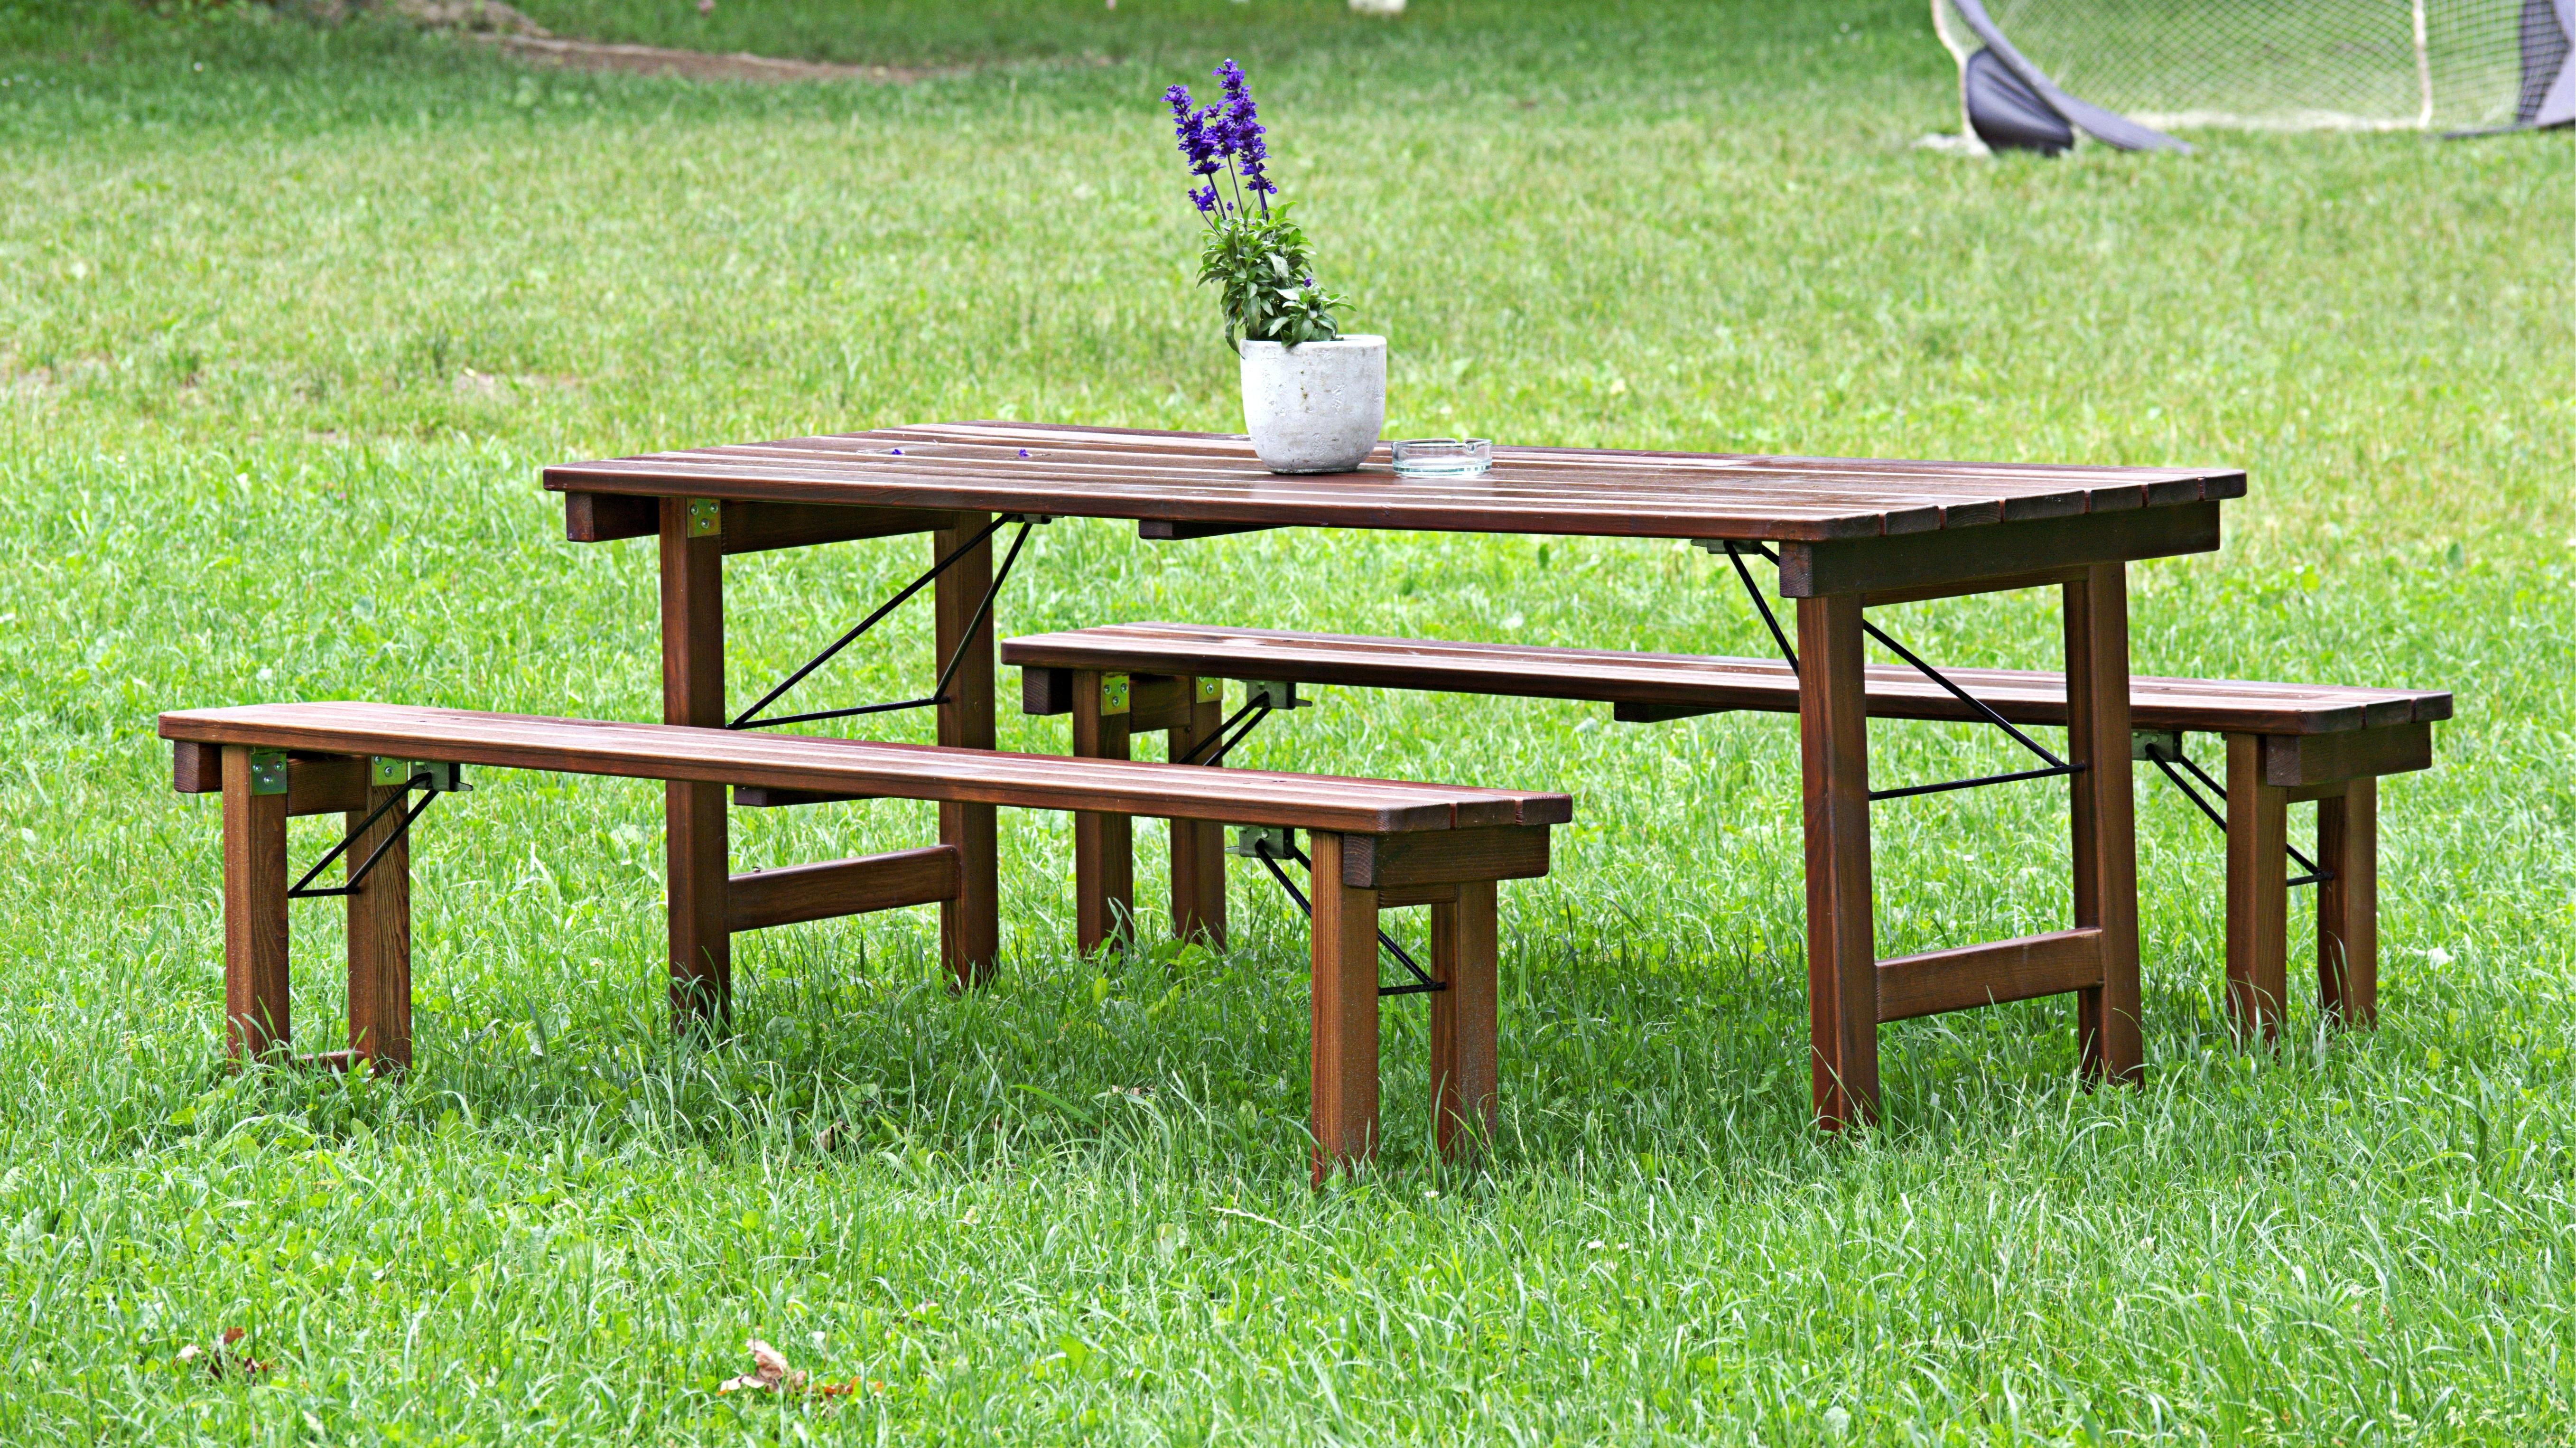 kostenlose foto tabelle natur holz bank sessel sitz. Black Bedroom Furniture Sets. Home Design Ideas